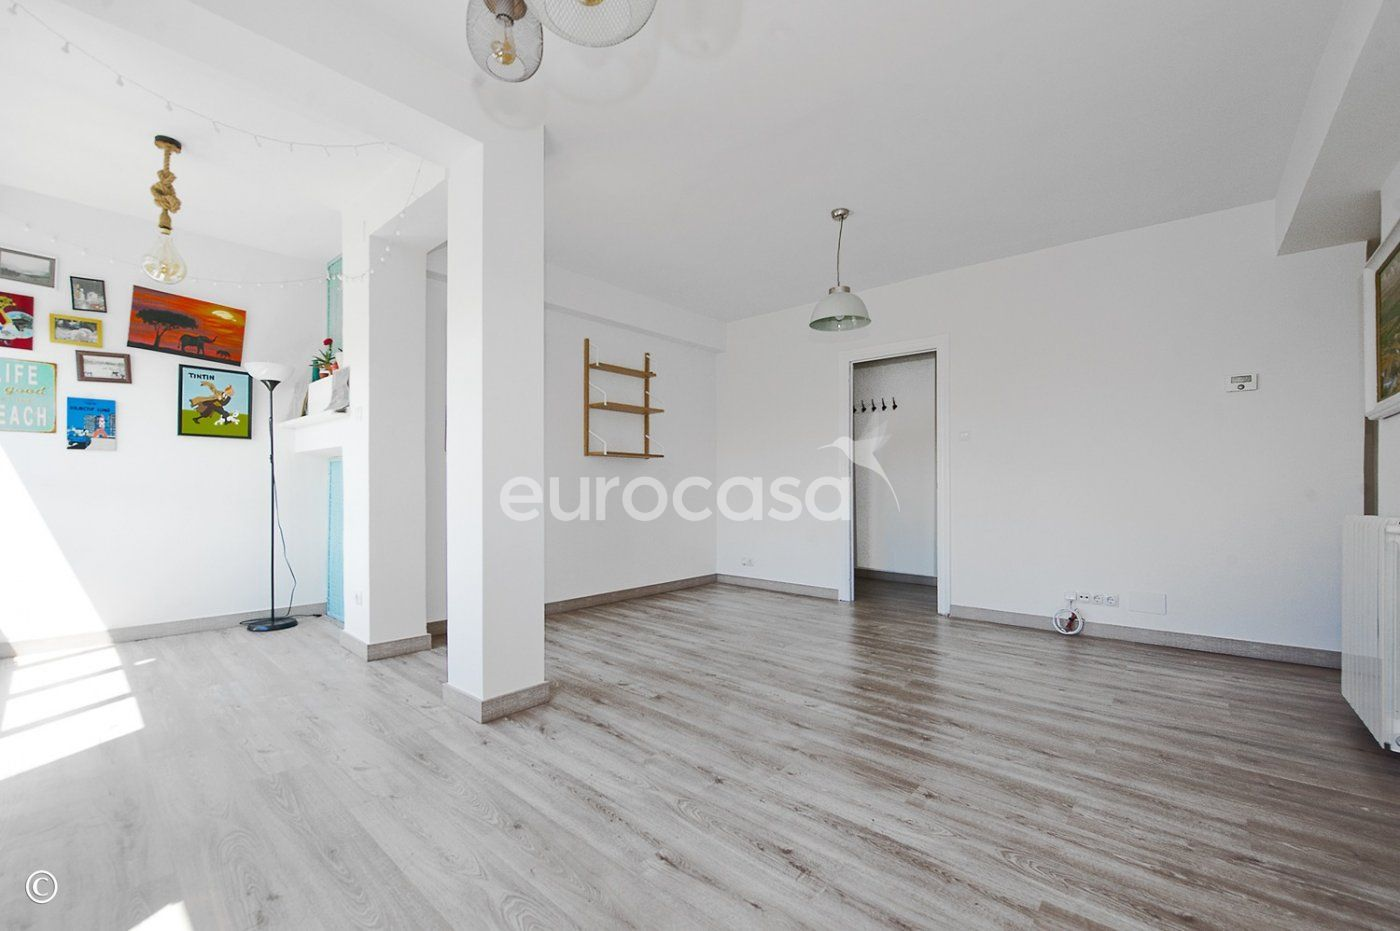 Piso · Santander · Centro-Puertochico 150.000€€